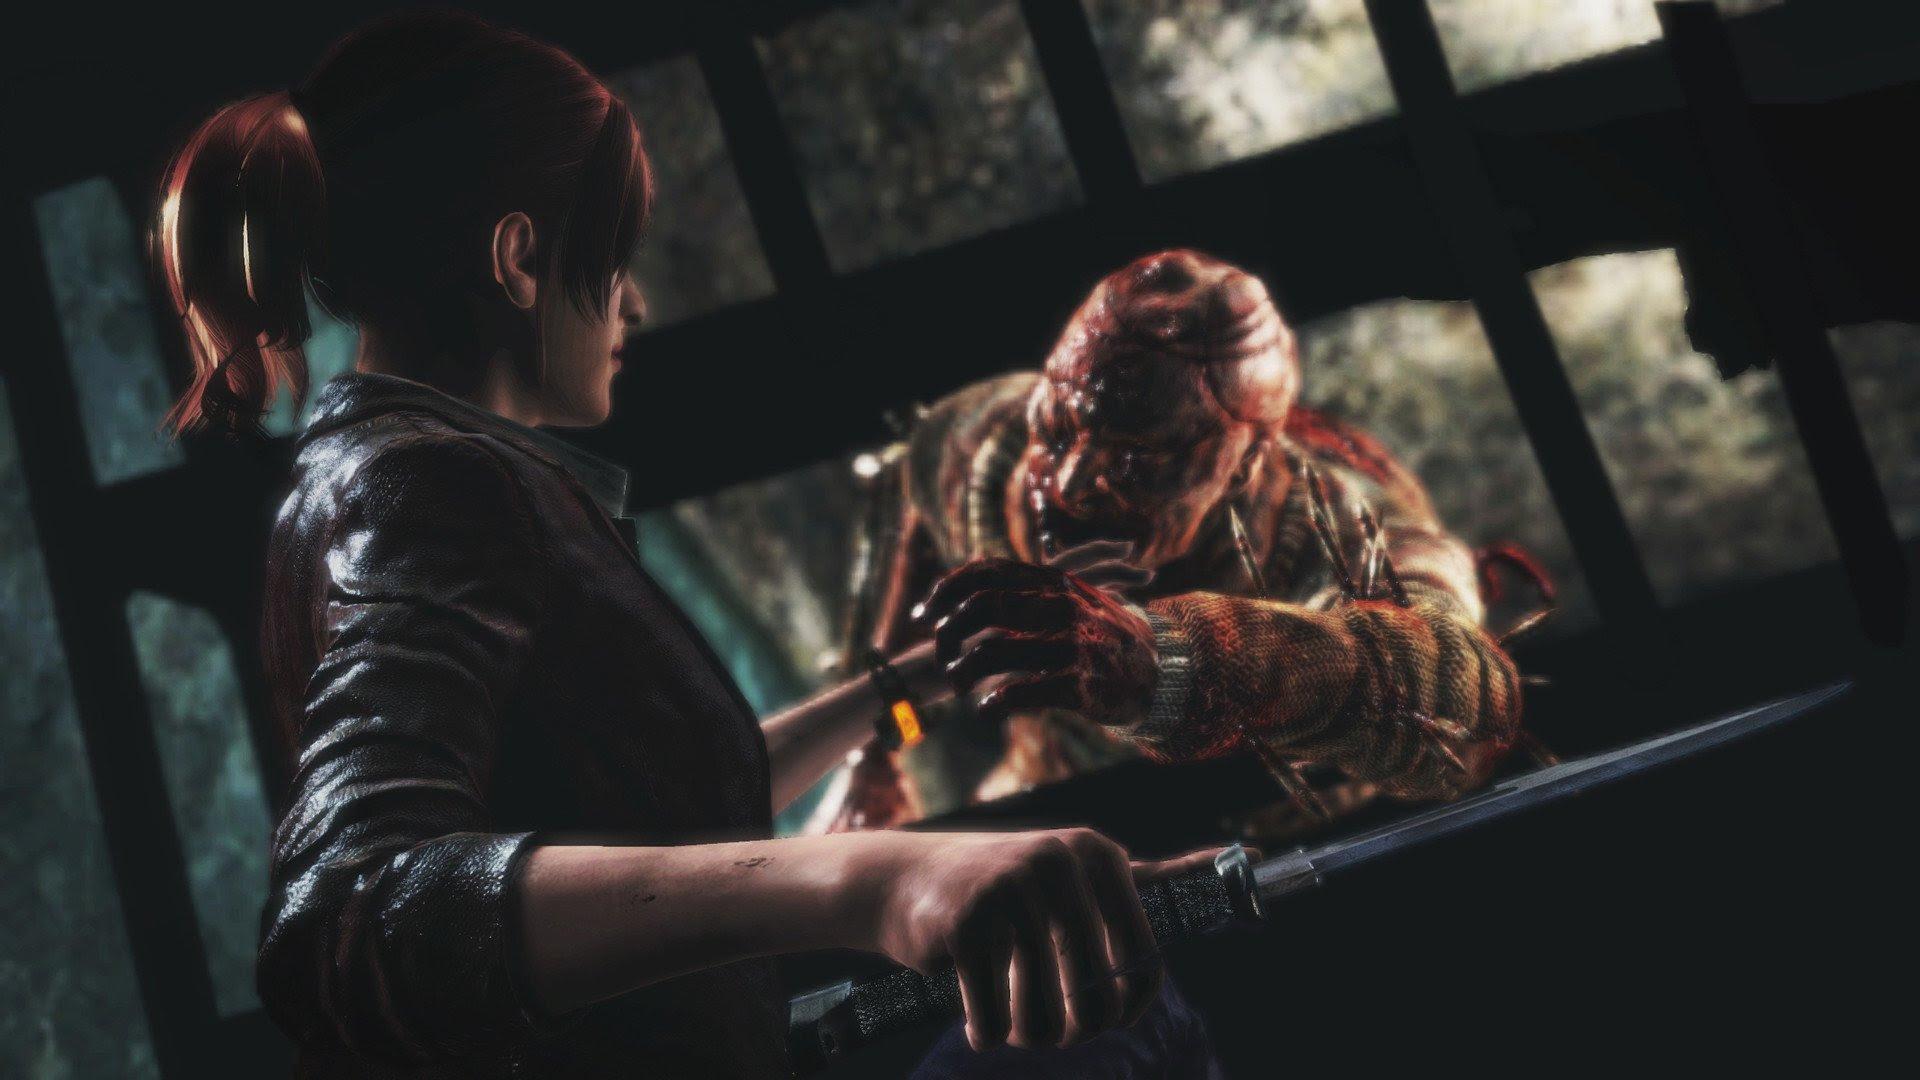 Resident Evil Revelations 2 Wallpaper 1